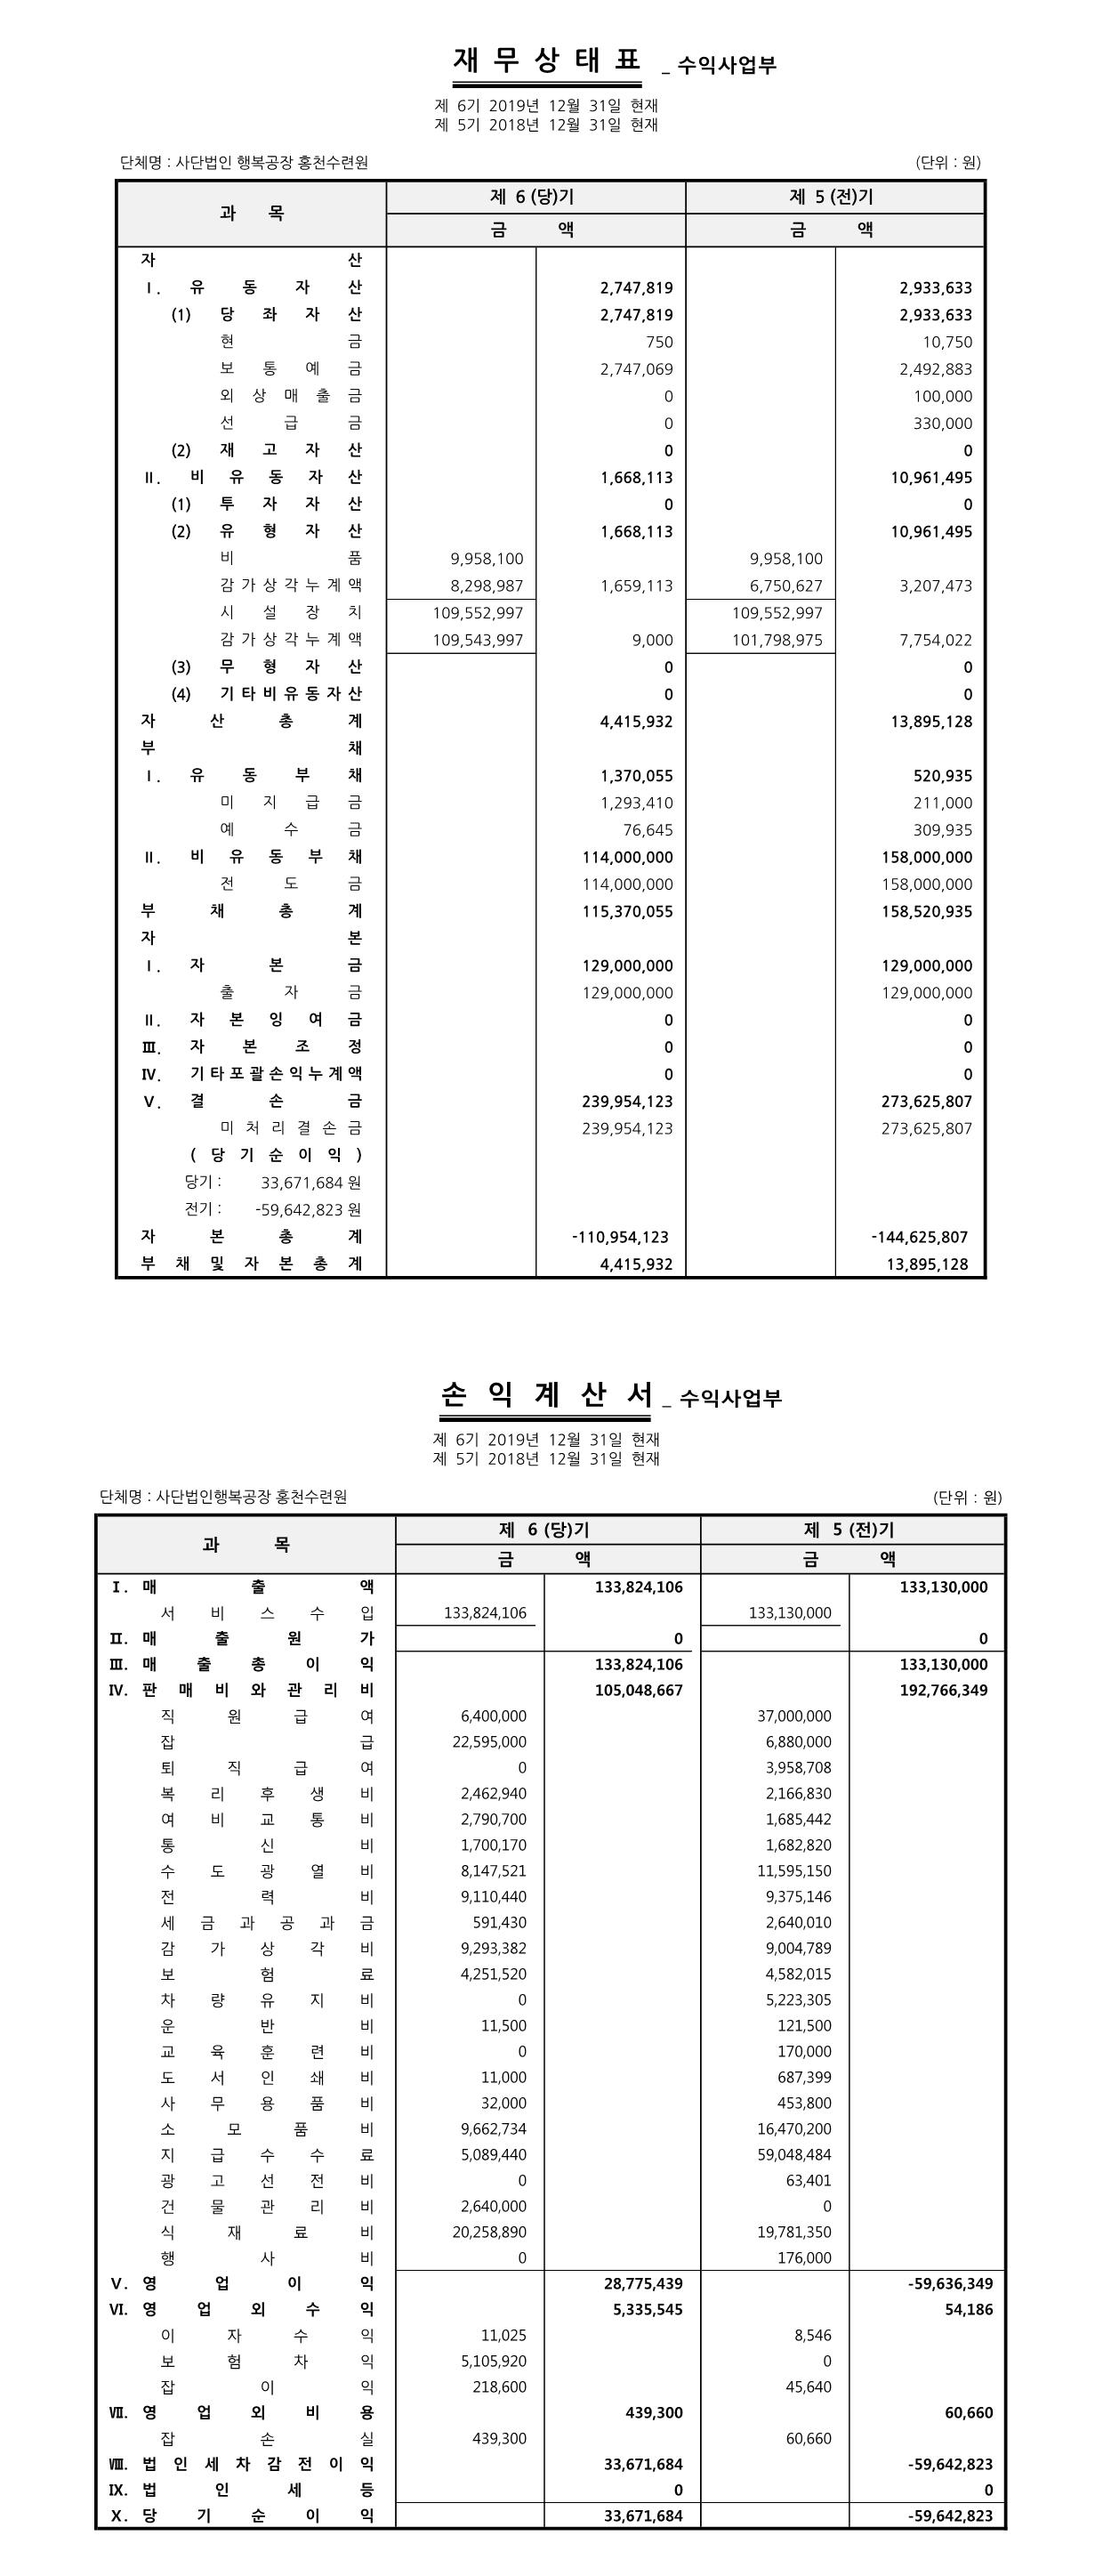 2019년도 재무상태표-손익계산서-홍천수련원.jpg